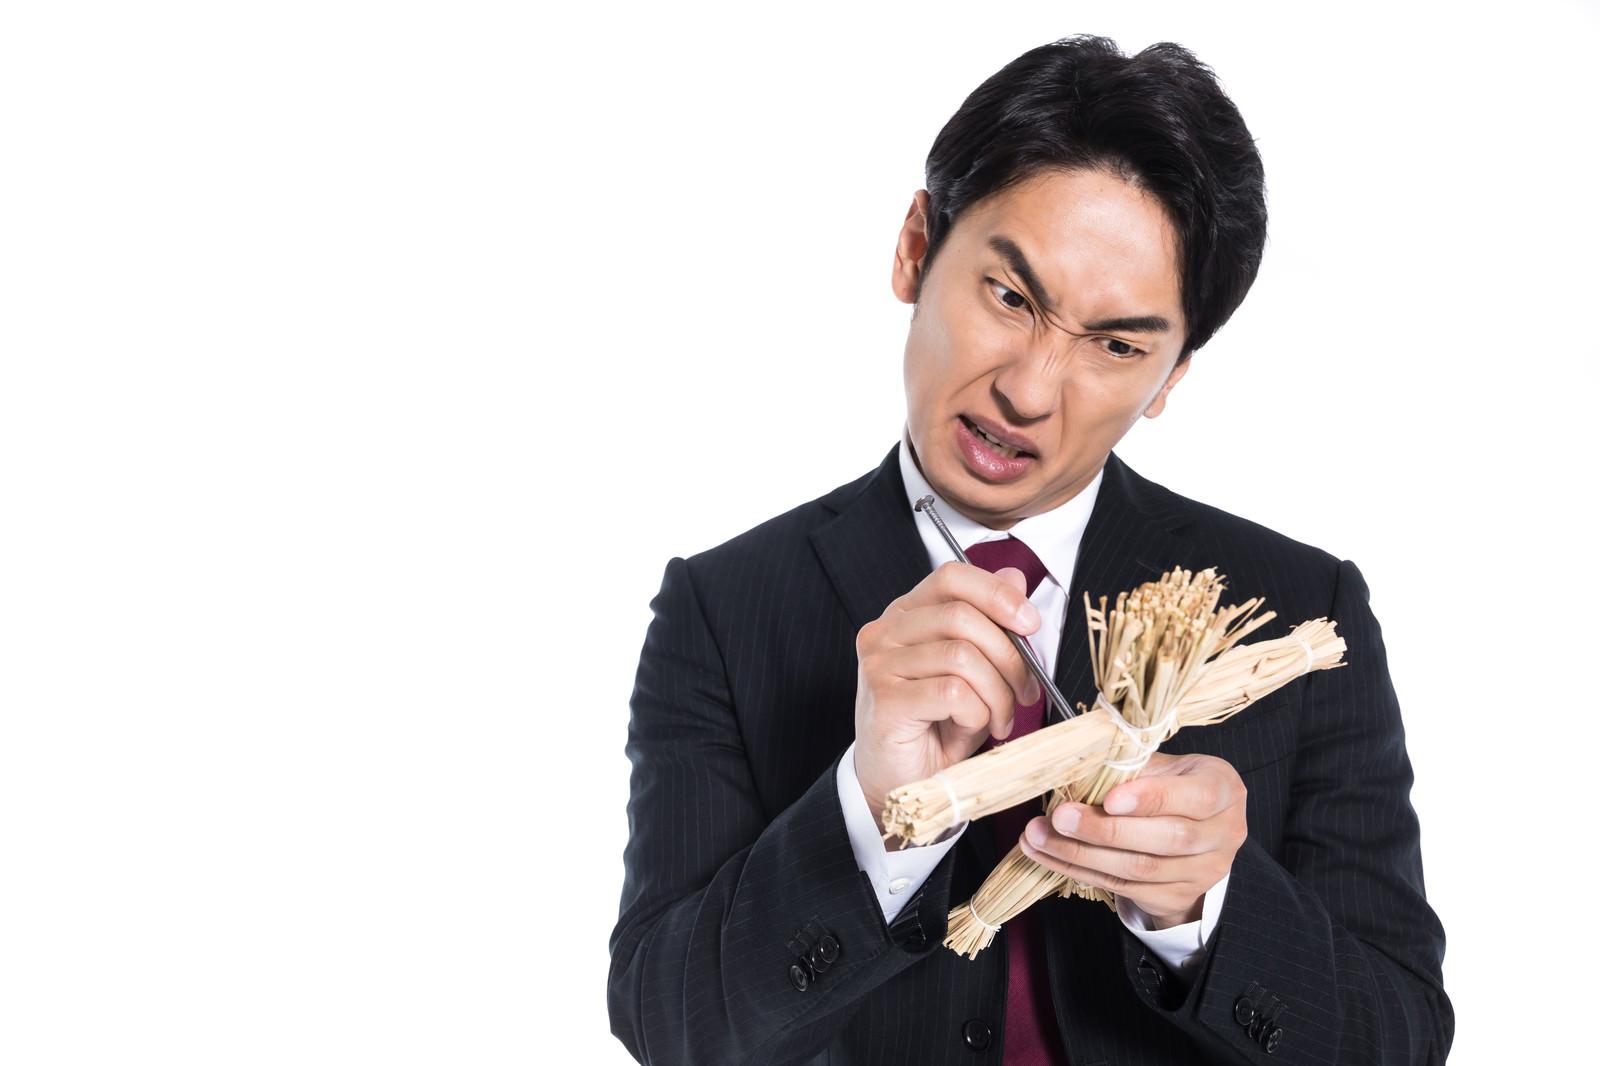 「藁人形に五寸釘を刺すサラリーマン」の写真[モデル:大川竜弥]